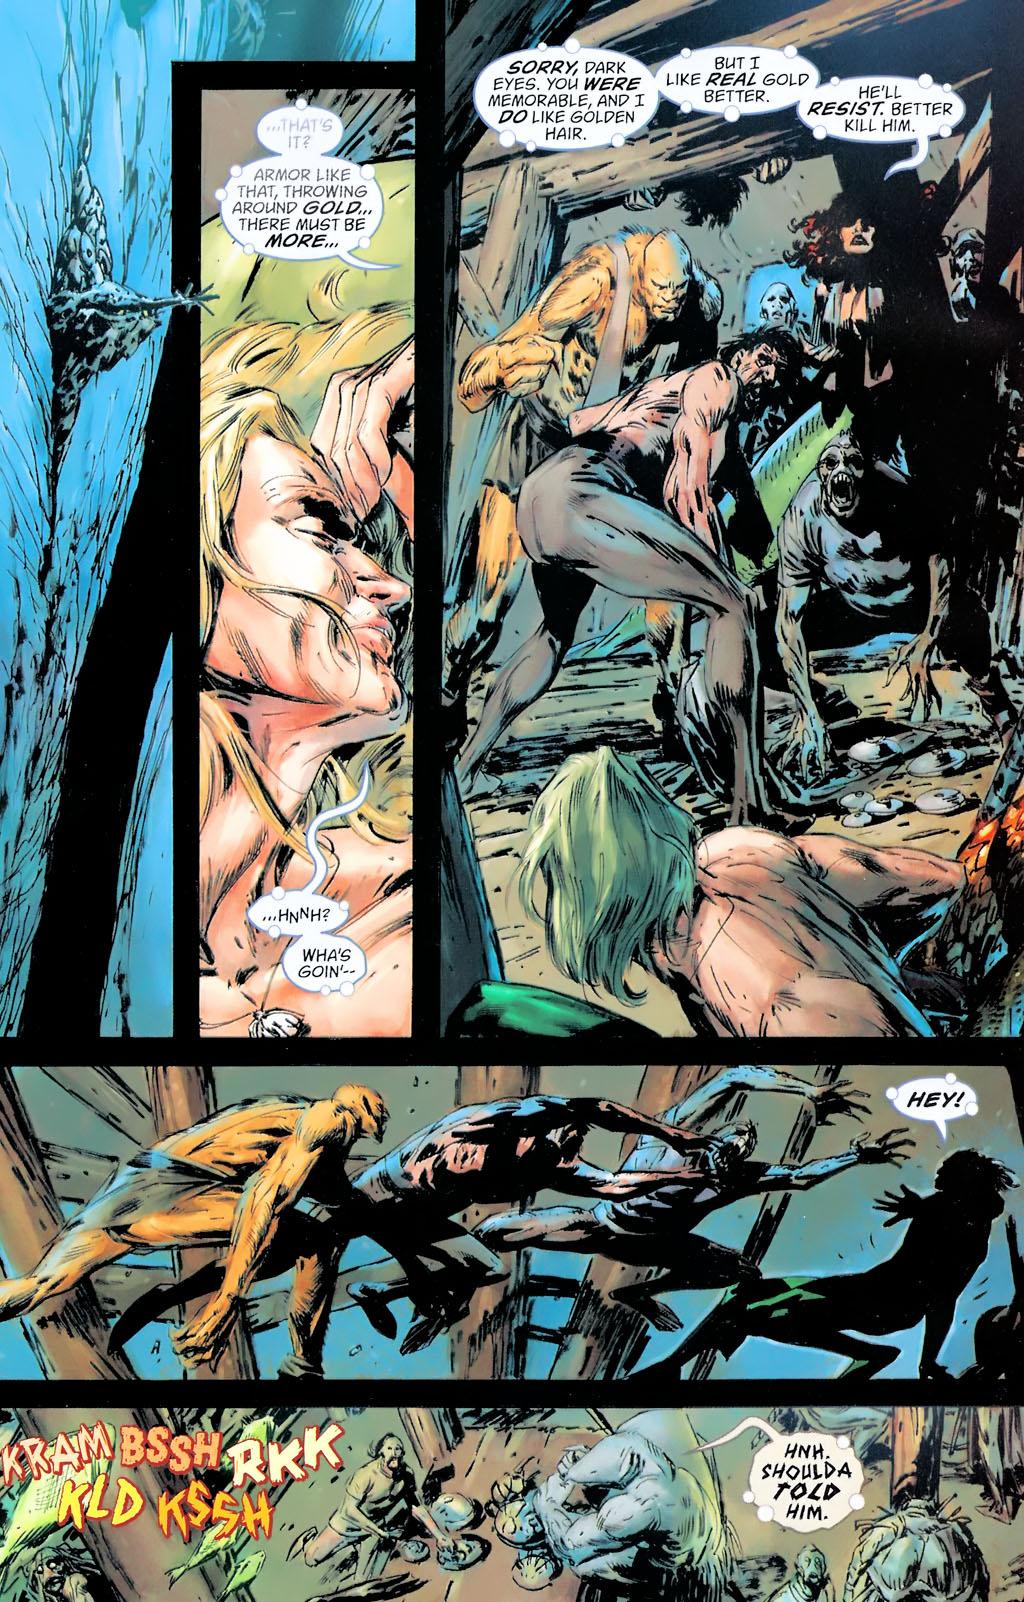 Read online Aquaman: Sword of Atlantis comic -  Issue #42 - 9